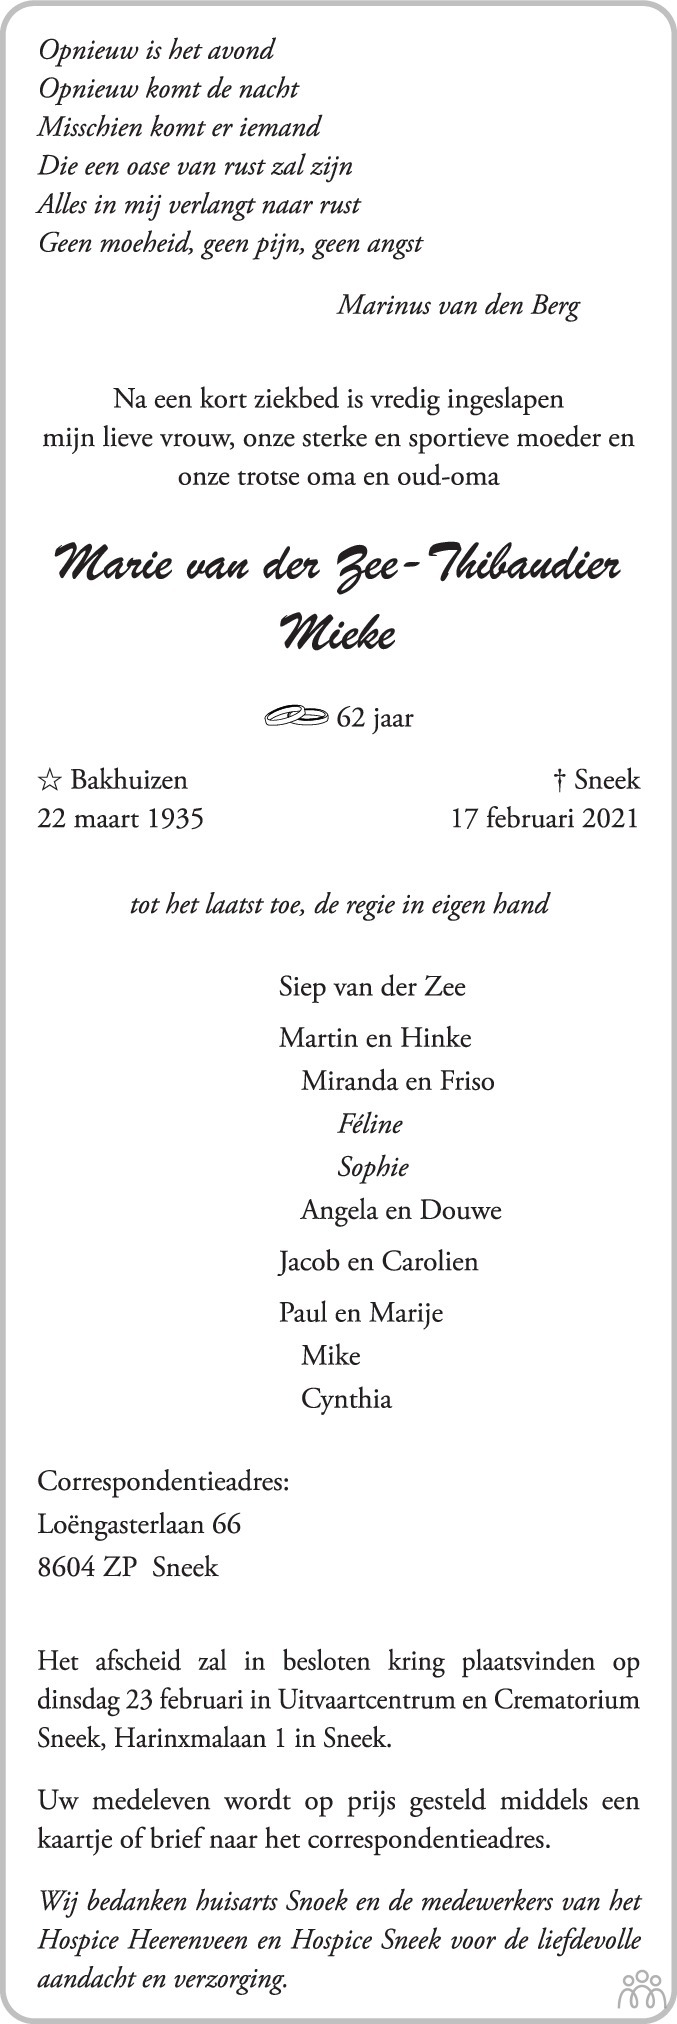 Overlijdensbericht van Marie (Mieke) van der Zee-Thibaudier in Leeuwarder Courant